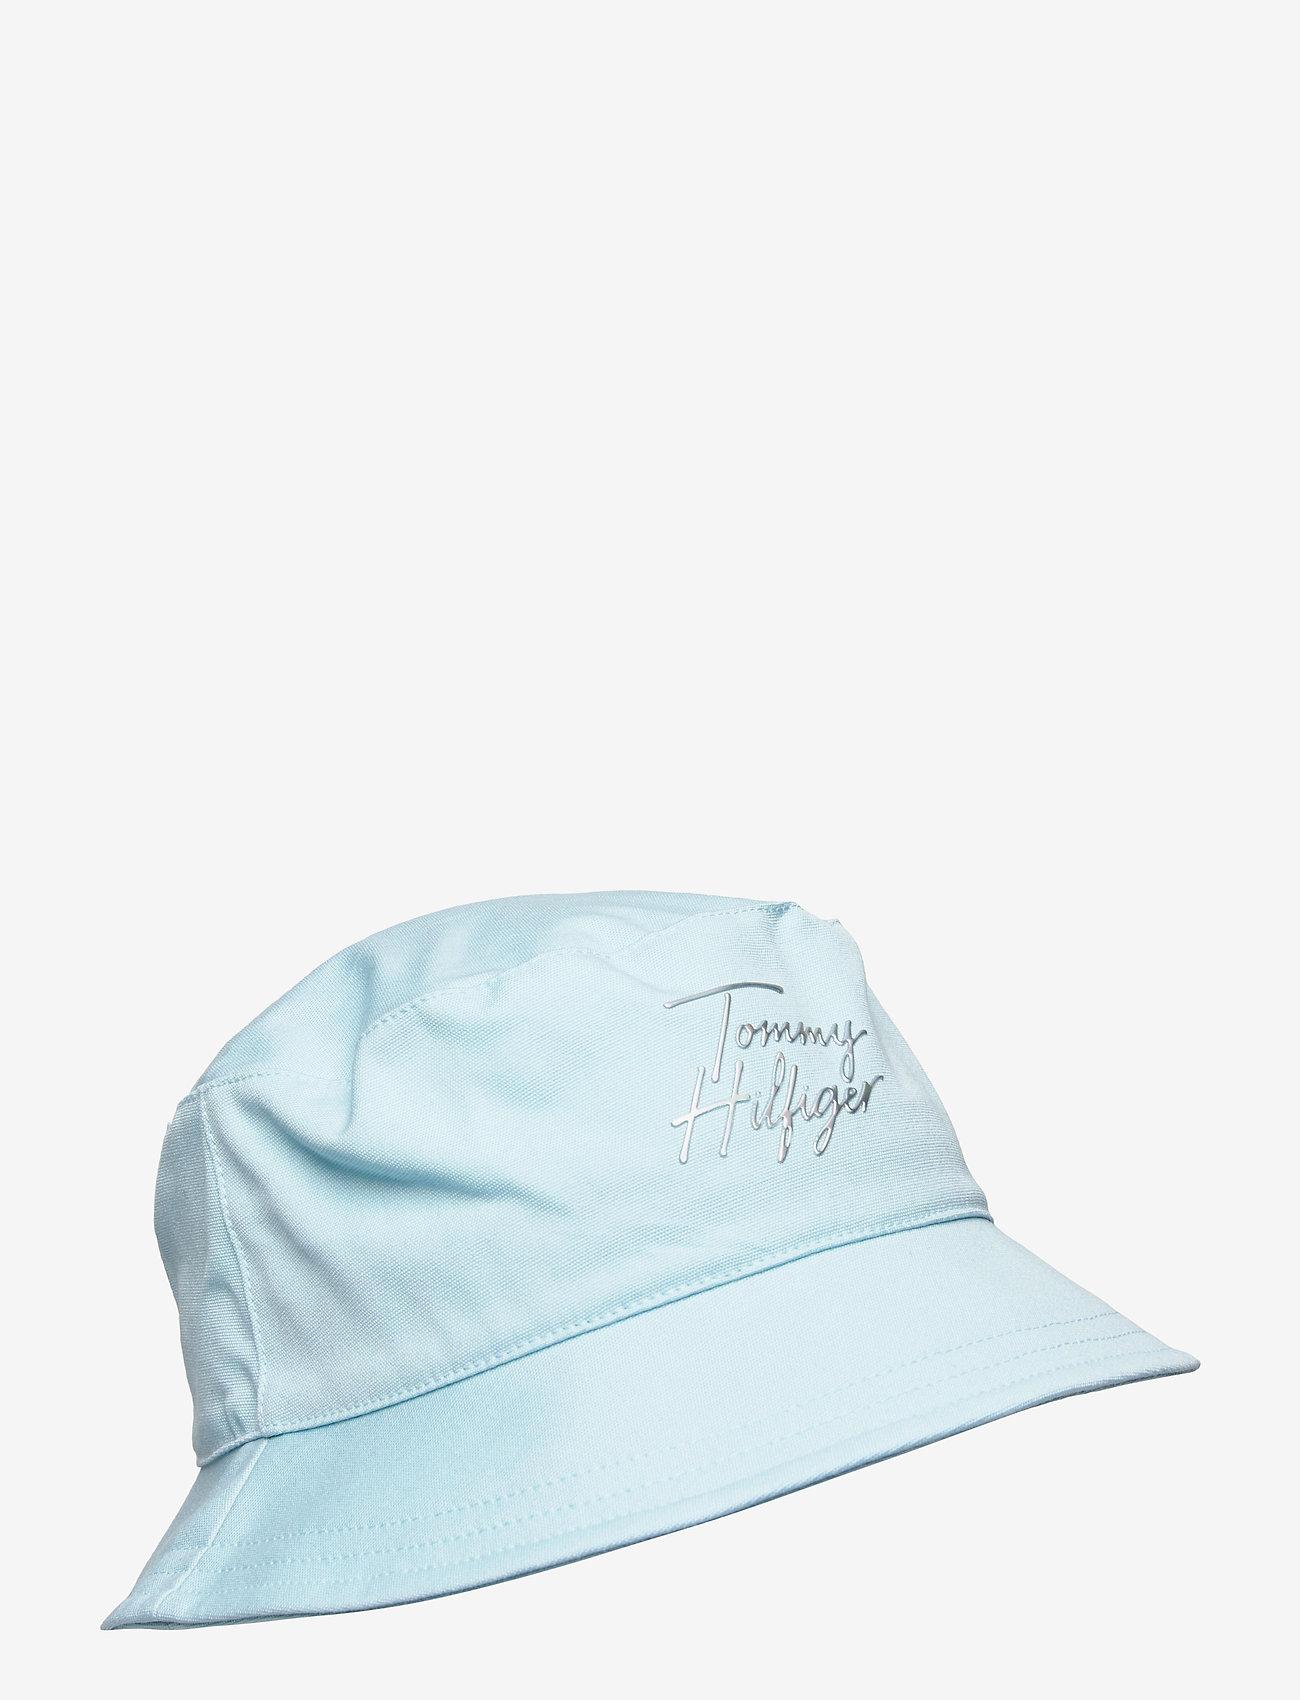 Tommy Hilfiger - GIRLS SUMMER BUCKET - hatte og handsker - frost blue - 0